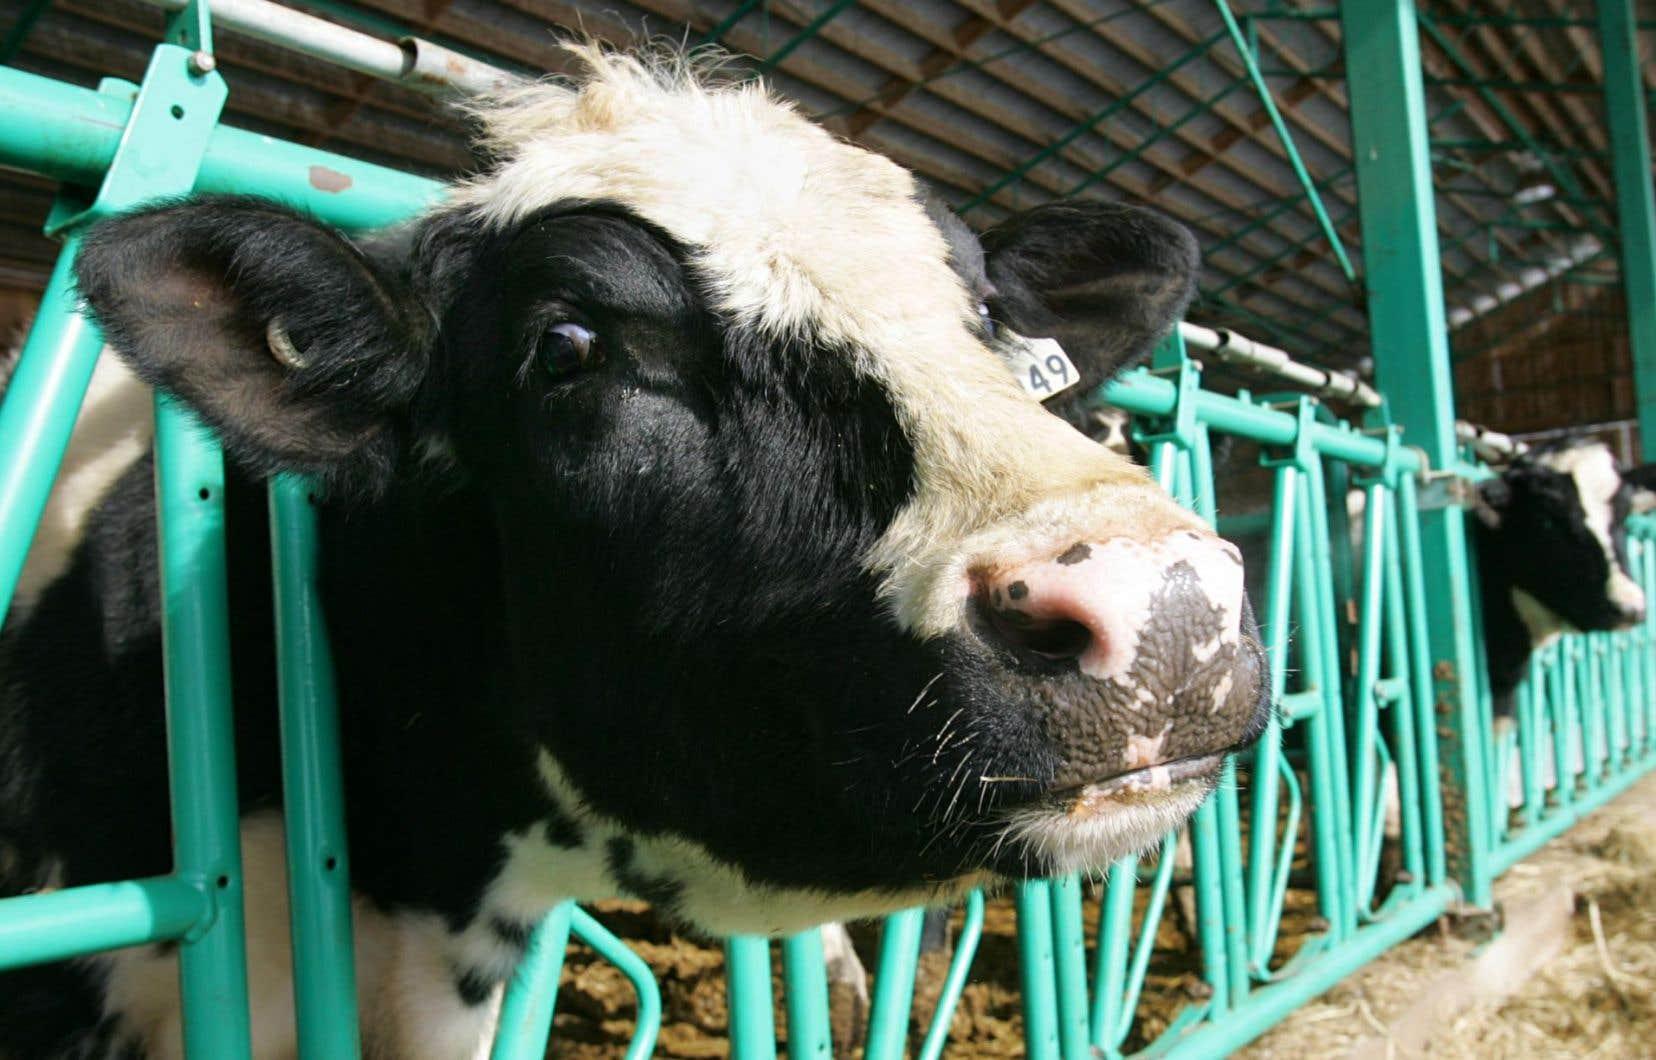 Les producteurs de lait, d'oeufs et de volaille craignent d'être sacrifiés sur l'autel du libre-échange.<br />